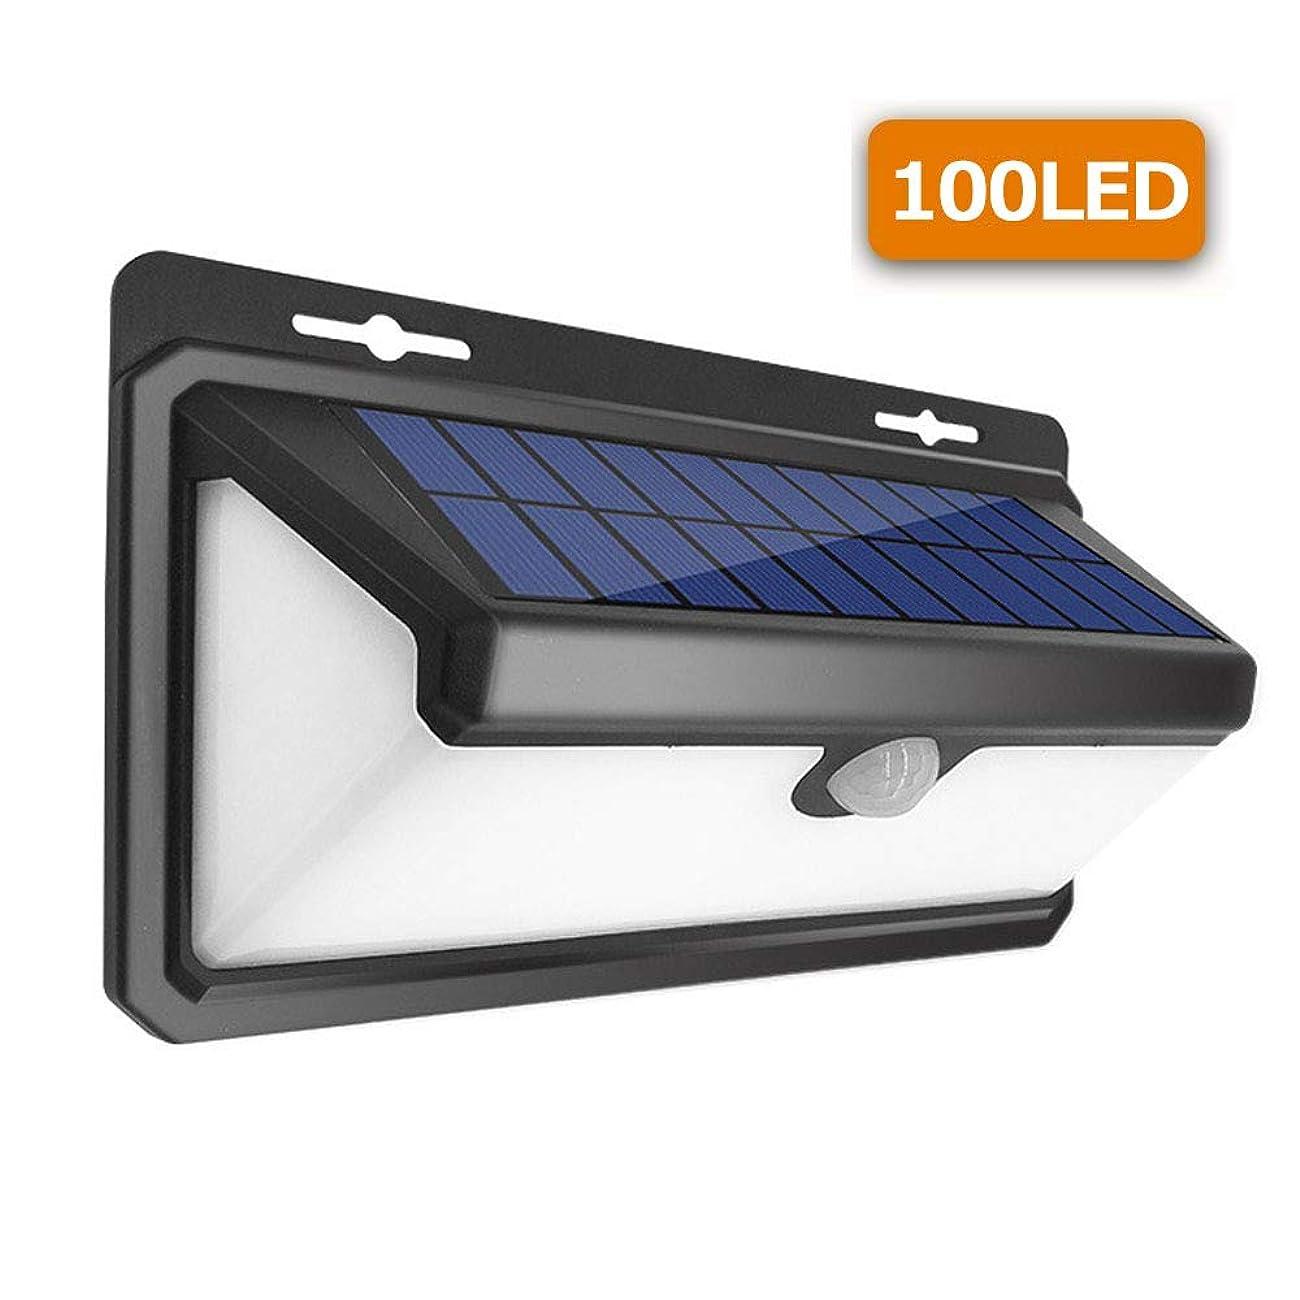 嫌な抽選成功ソーラーライト 人感センサー IP65防水 2200mAh電池内蔵 太陽光発電 夜間自動点灯  日本語の取説書(100LED)